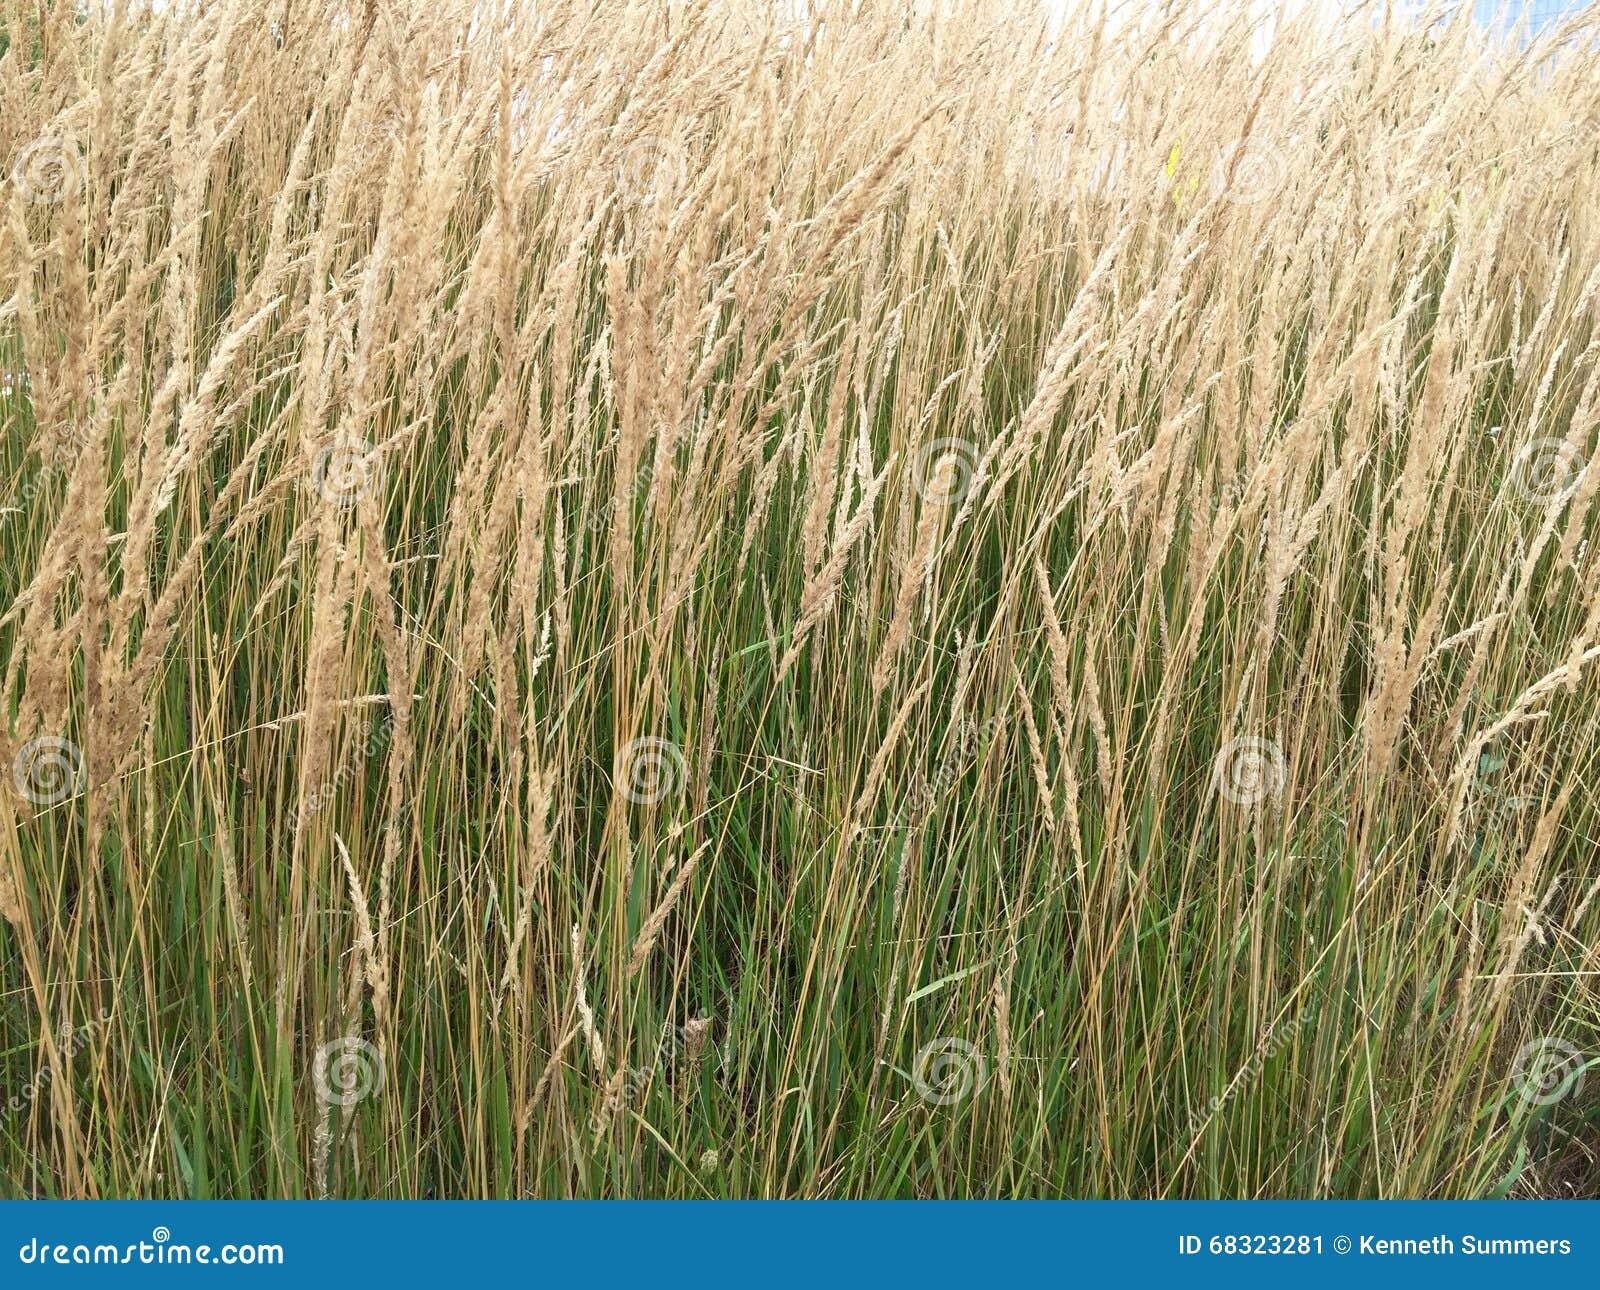 Tall Decorative Grass Tall Decorative Grass Stock Photo Image 68323281